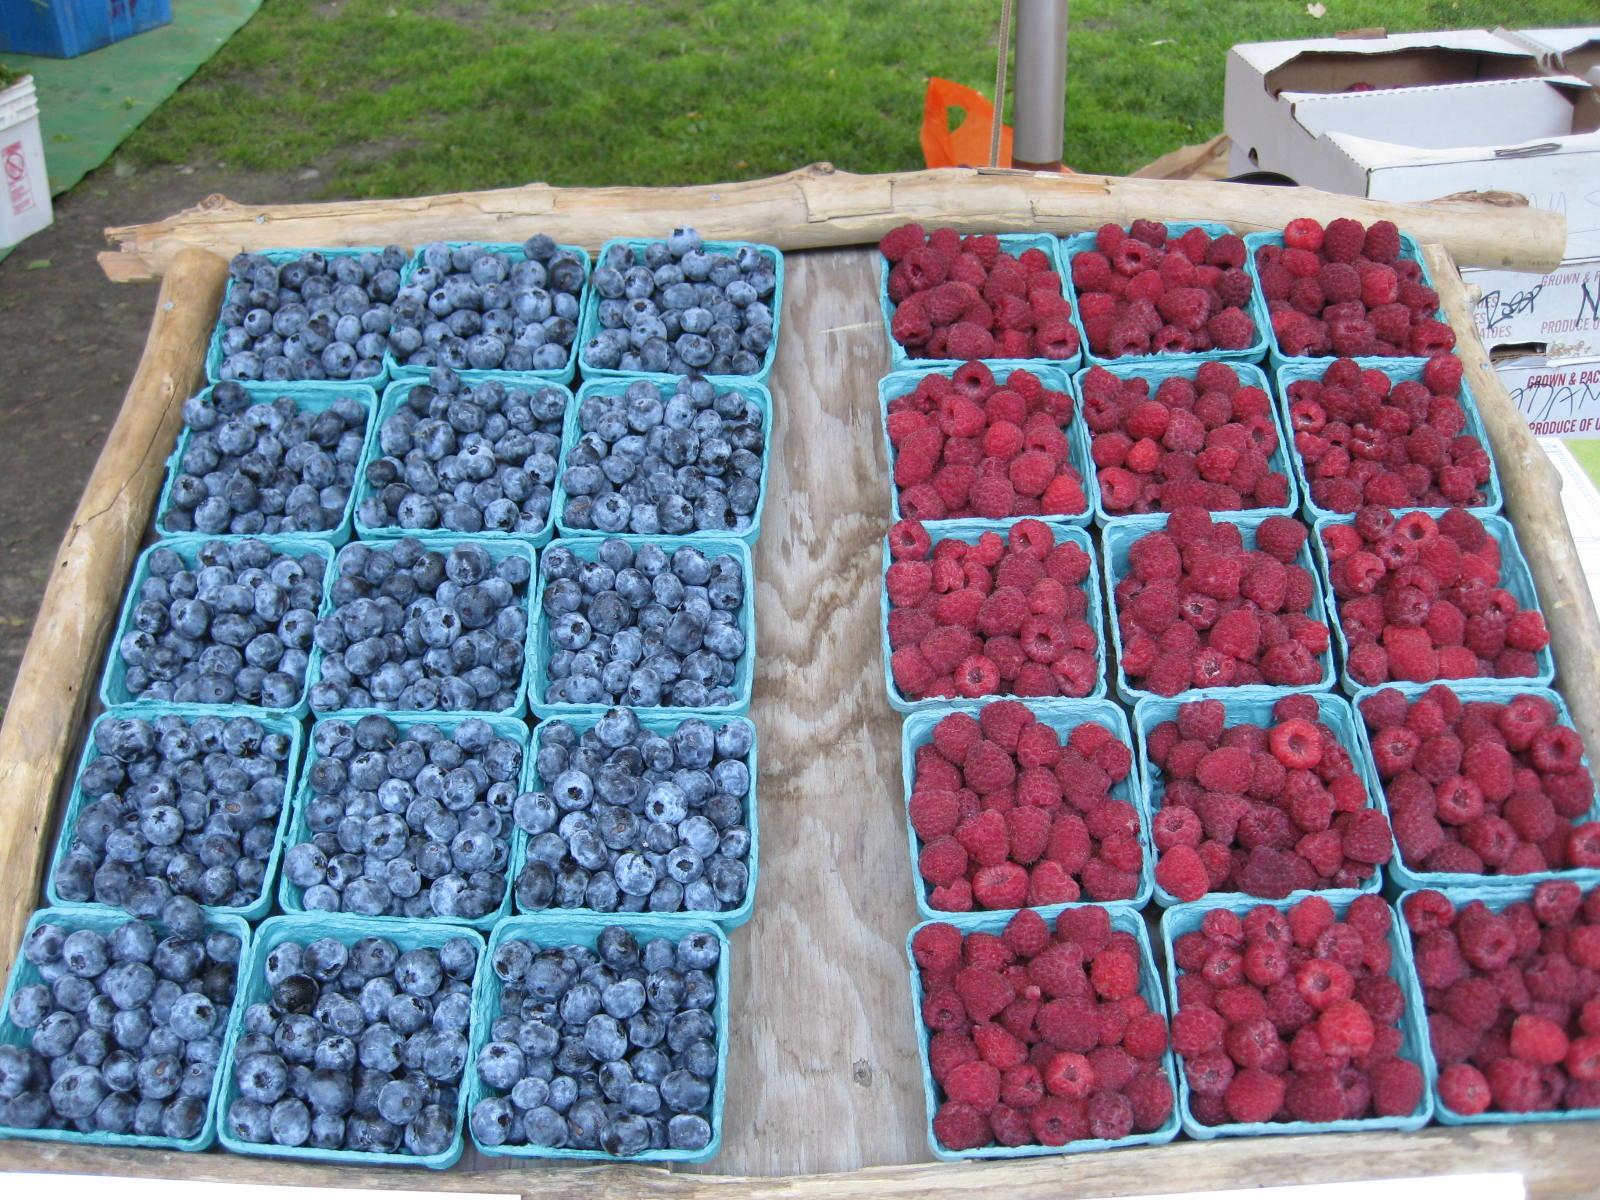 blueberries and raspberries.jpg